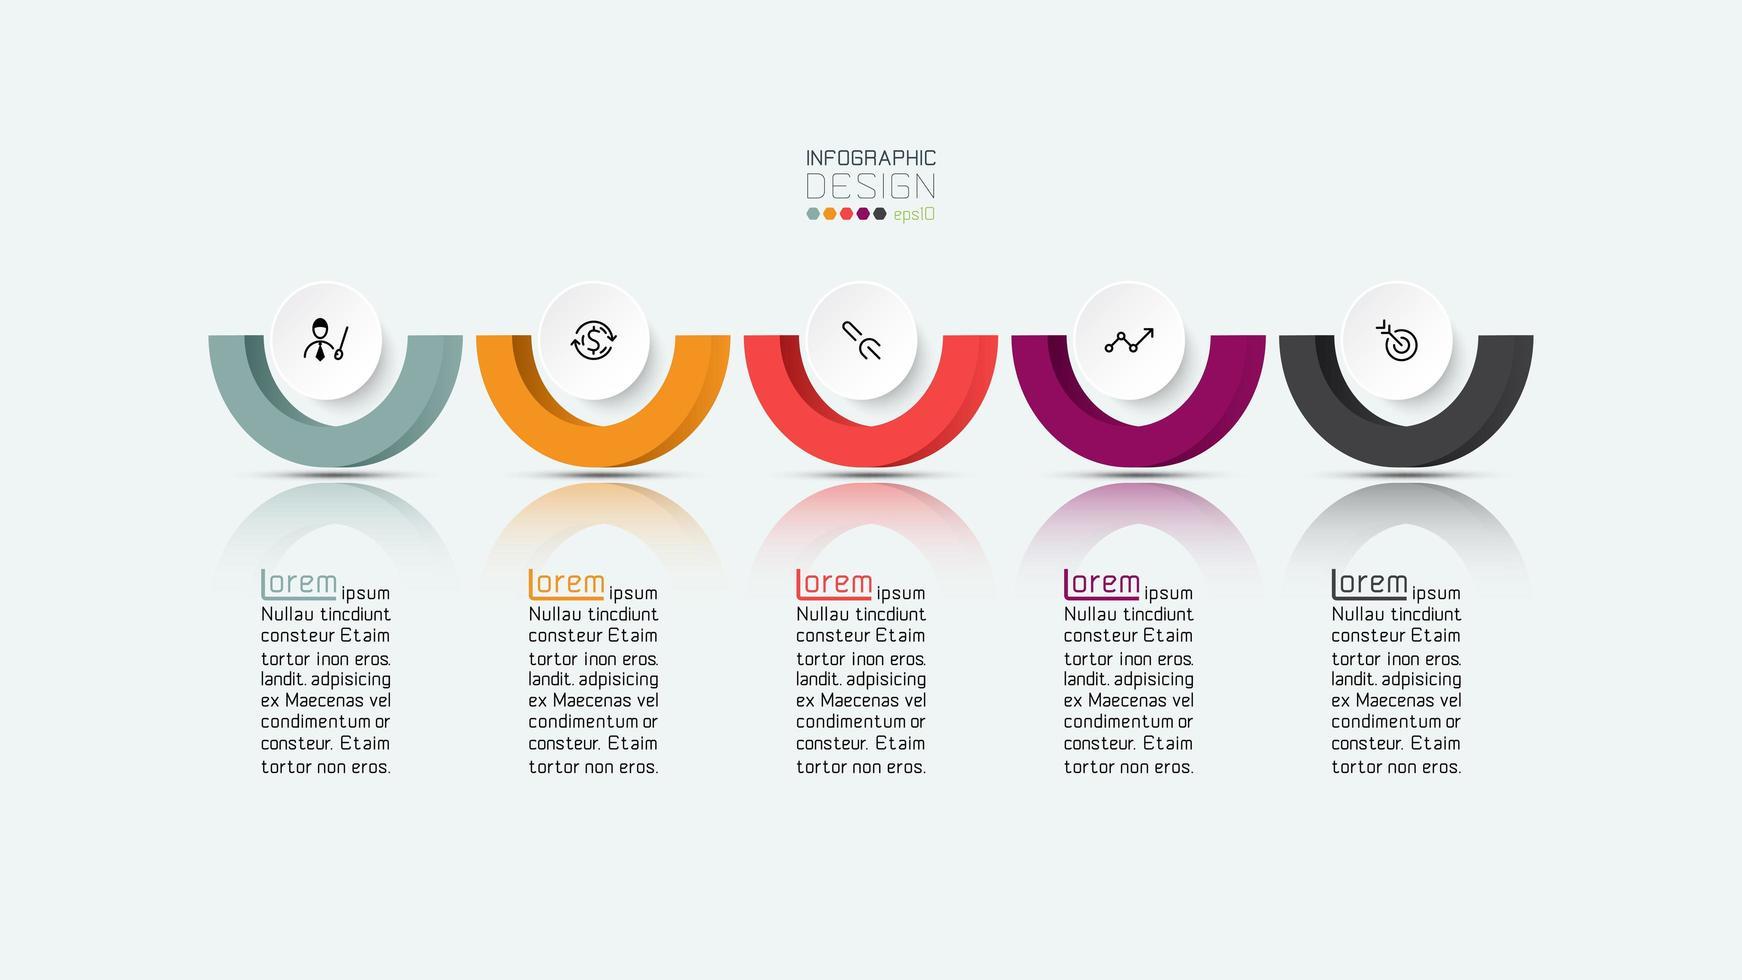 Halbkreis Schritte Business Infografik Design vektor